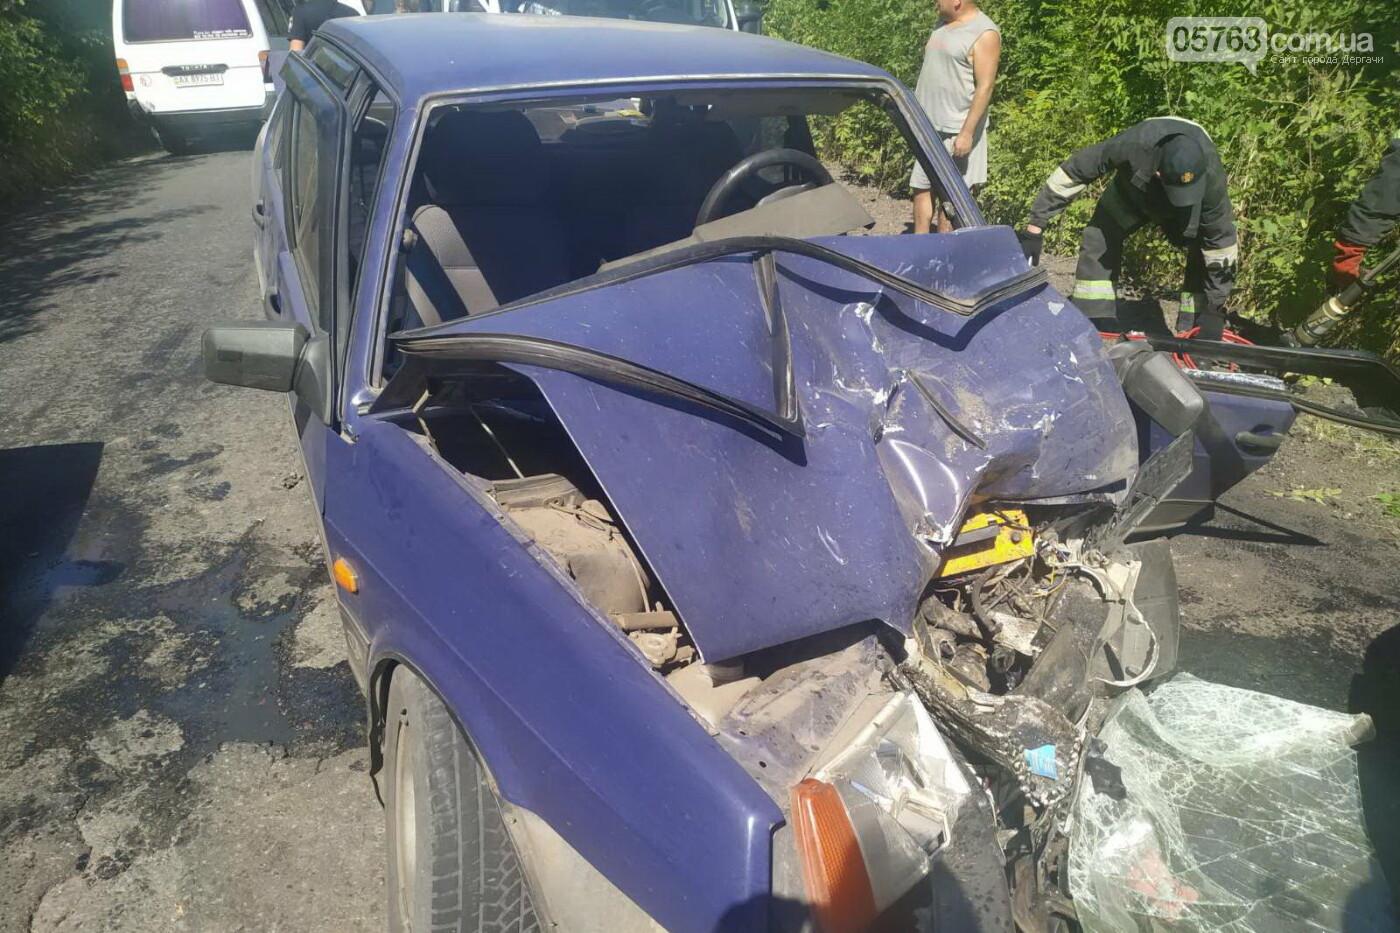 Авария в Дергачевском районе, есть пострадавшие, фото-1